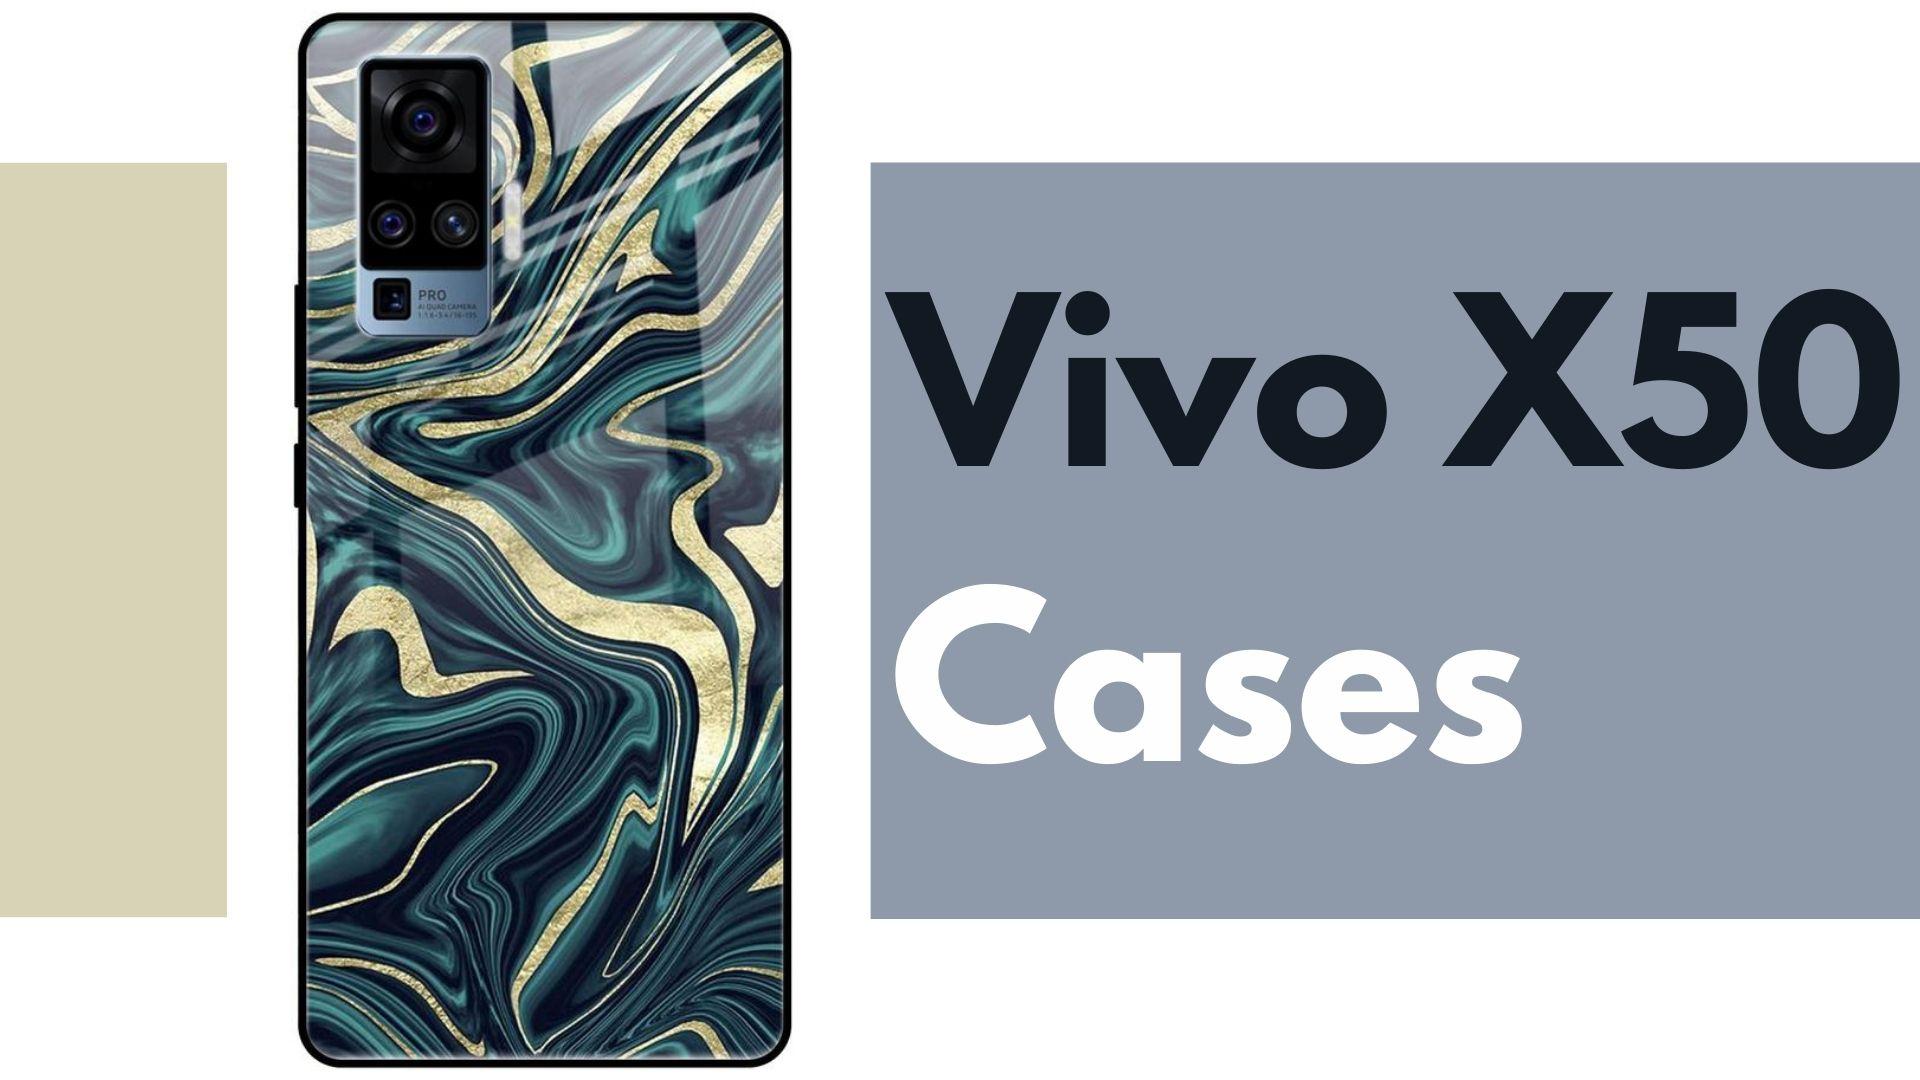 Vivo X50 Cases